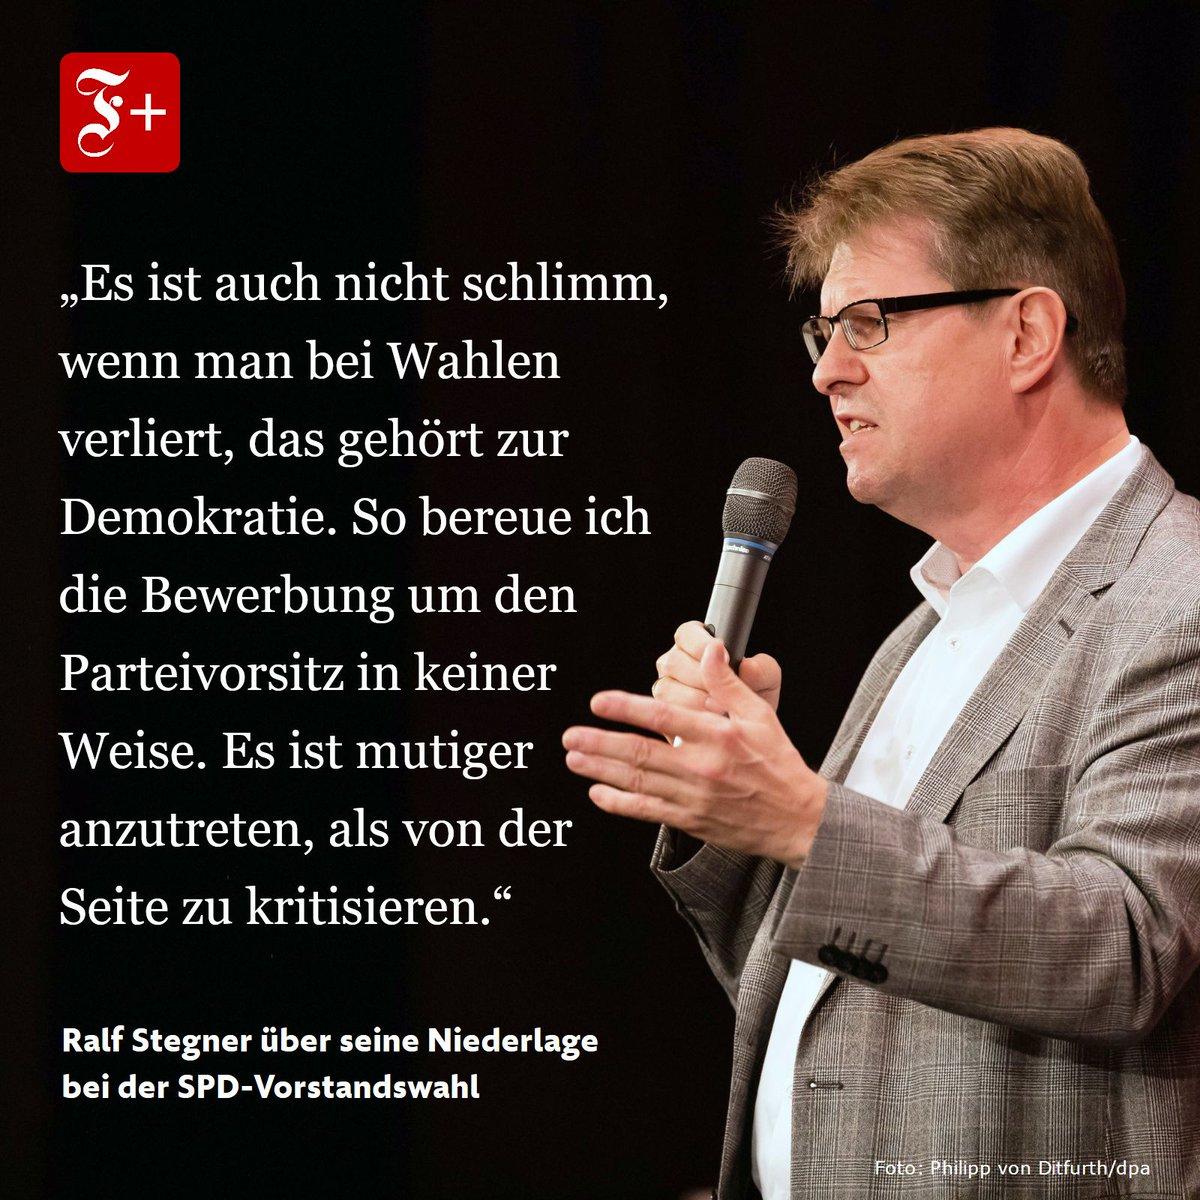 .@Ralf_Stegner leitet die #SPD-Fraktion im Kieler Landtag. In den Bundesvorstand hat er es nicht geschafft – wie geht er damit um? https://buff.ly/36zb5ijpic.twitter.com/3GNOfMbG39